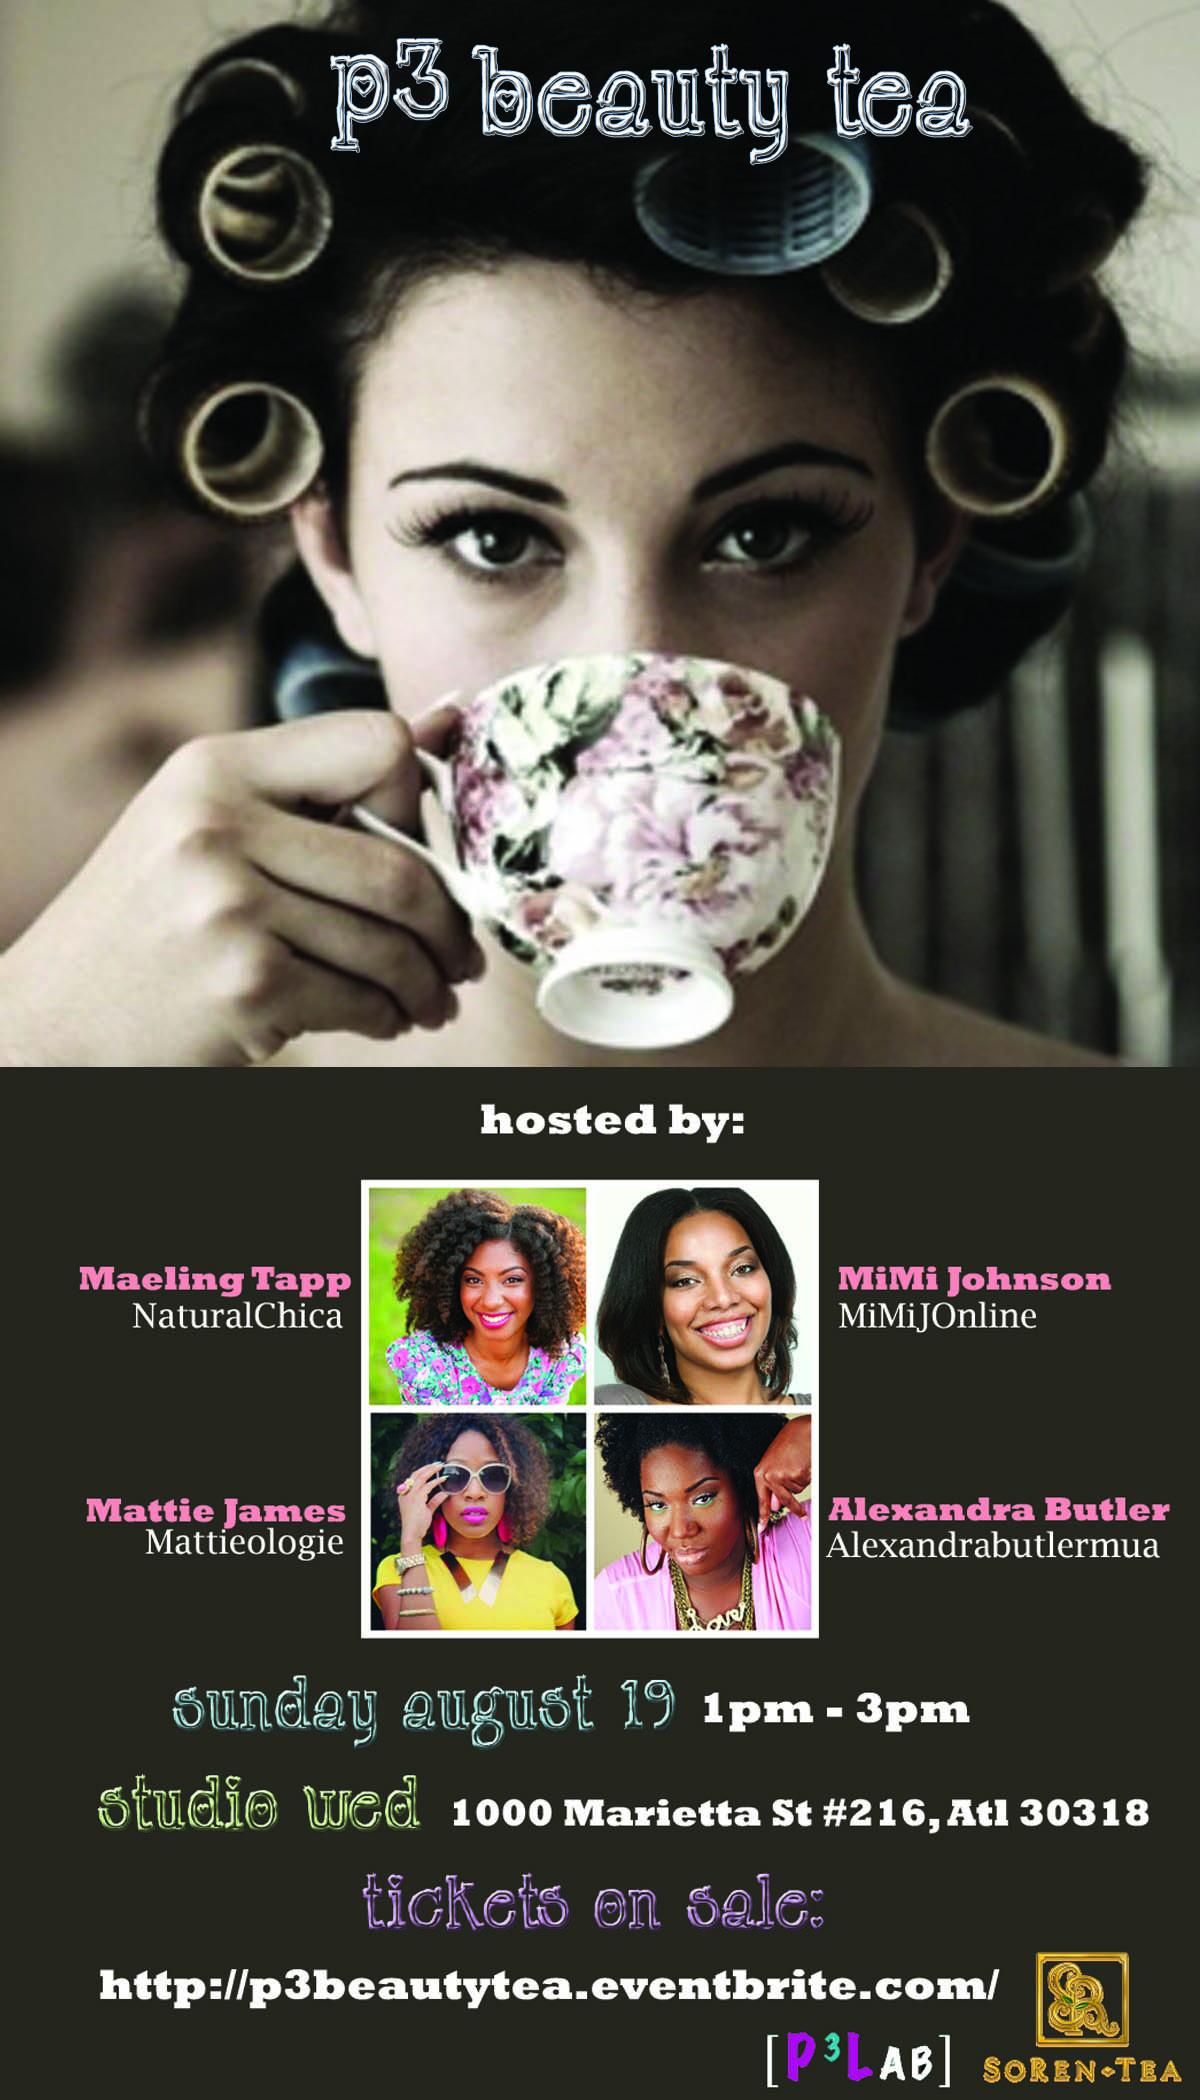 P3 Beauty Tea party invitation